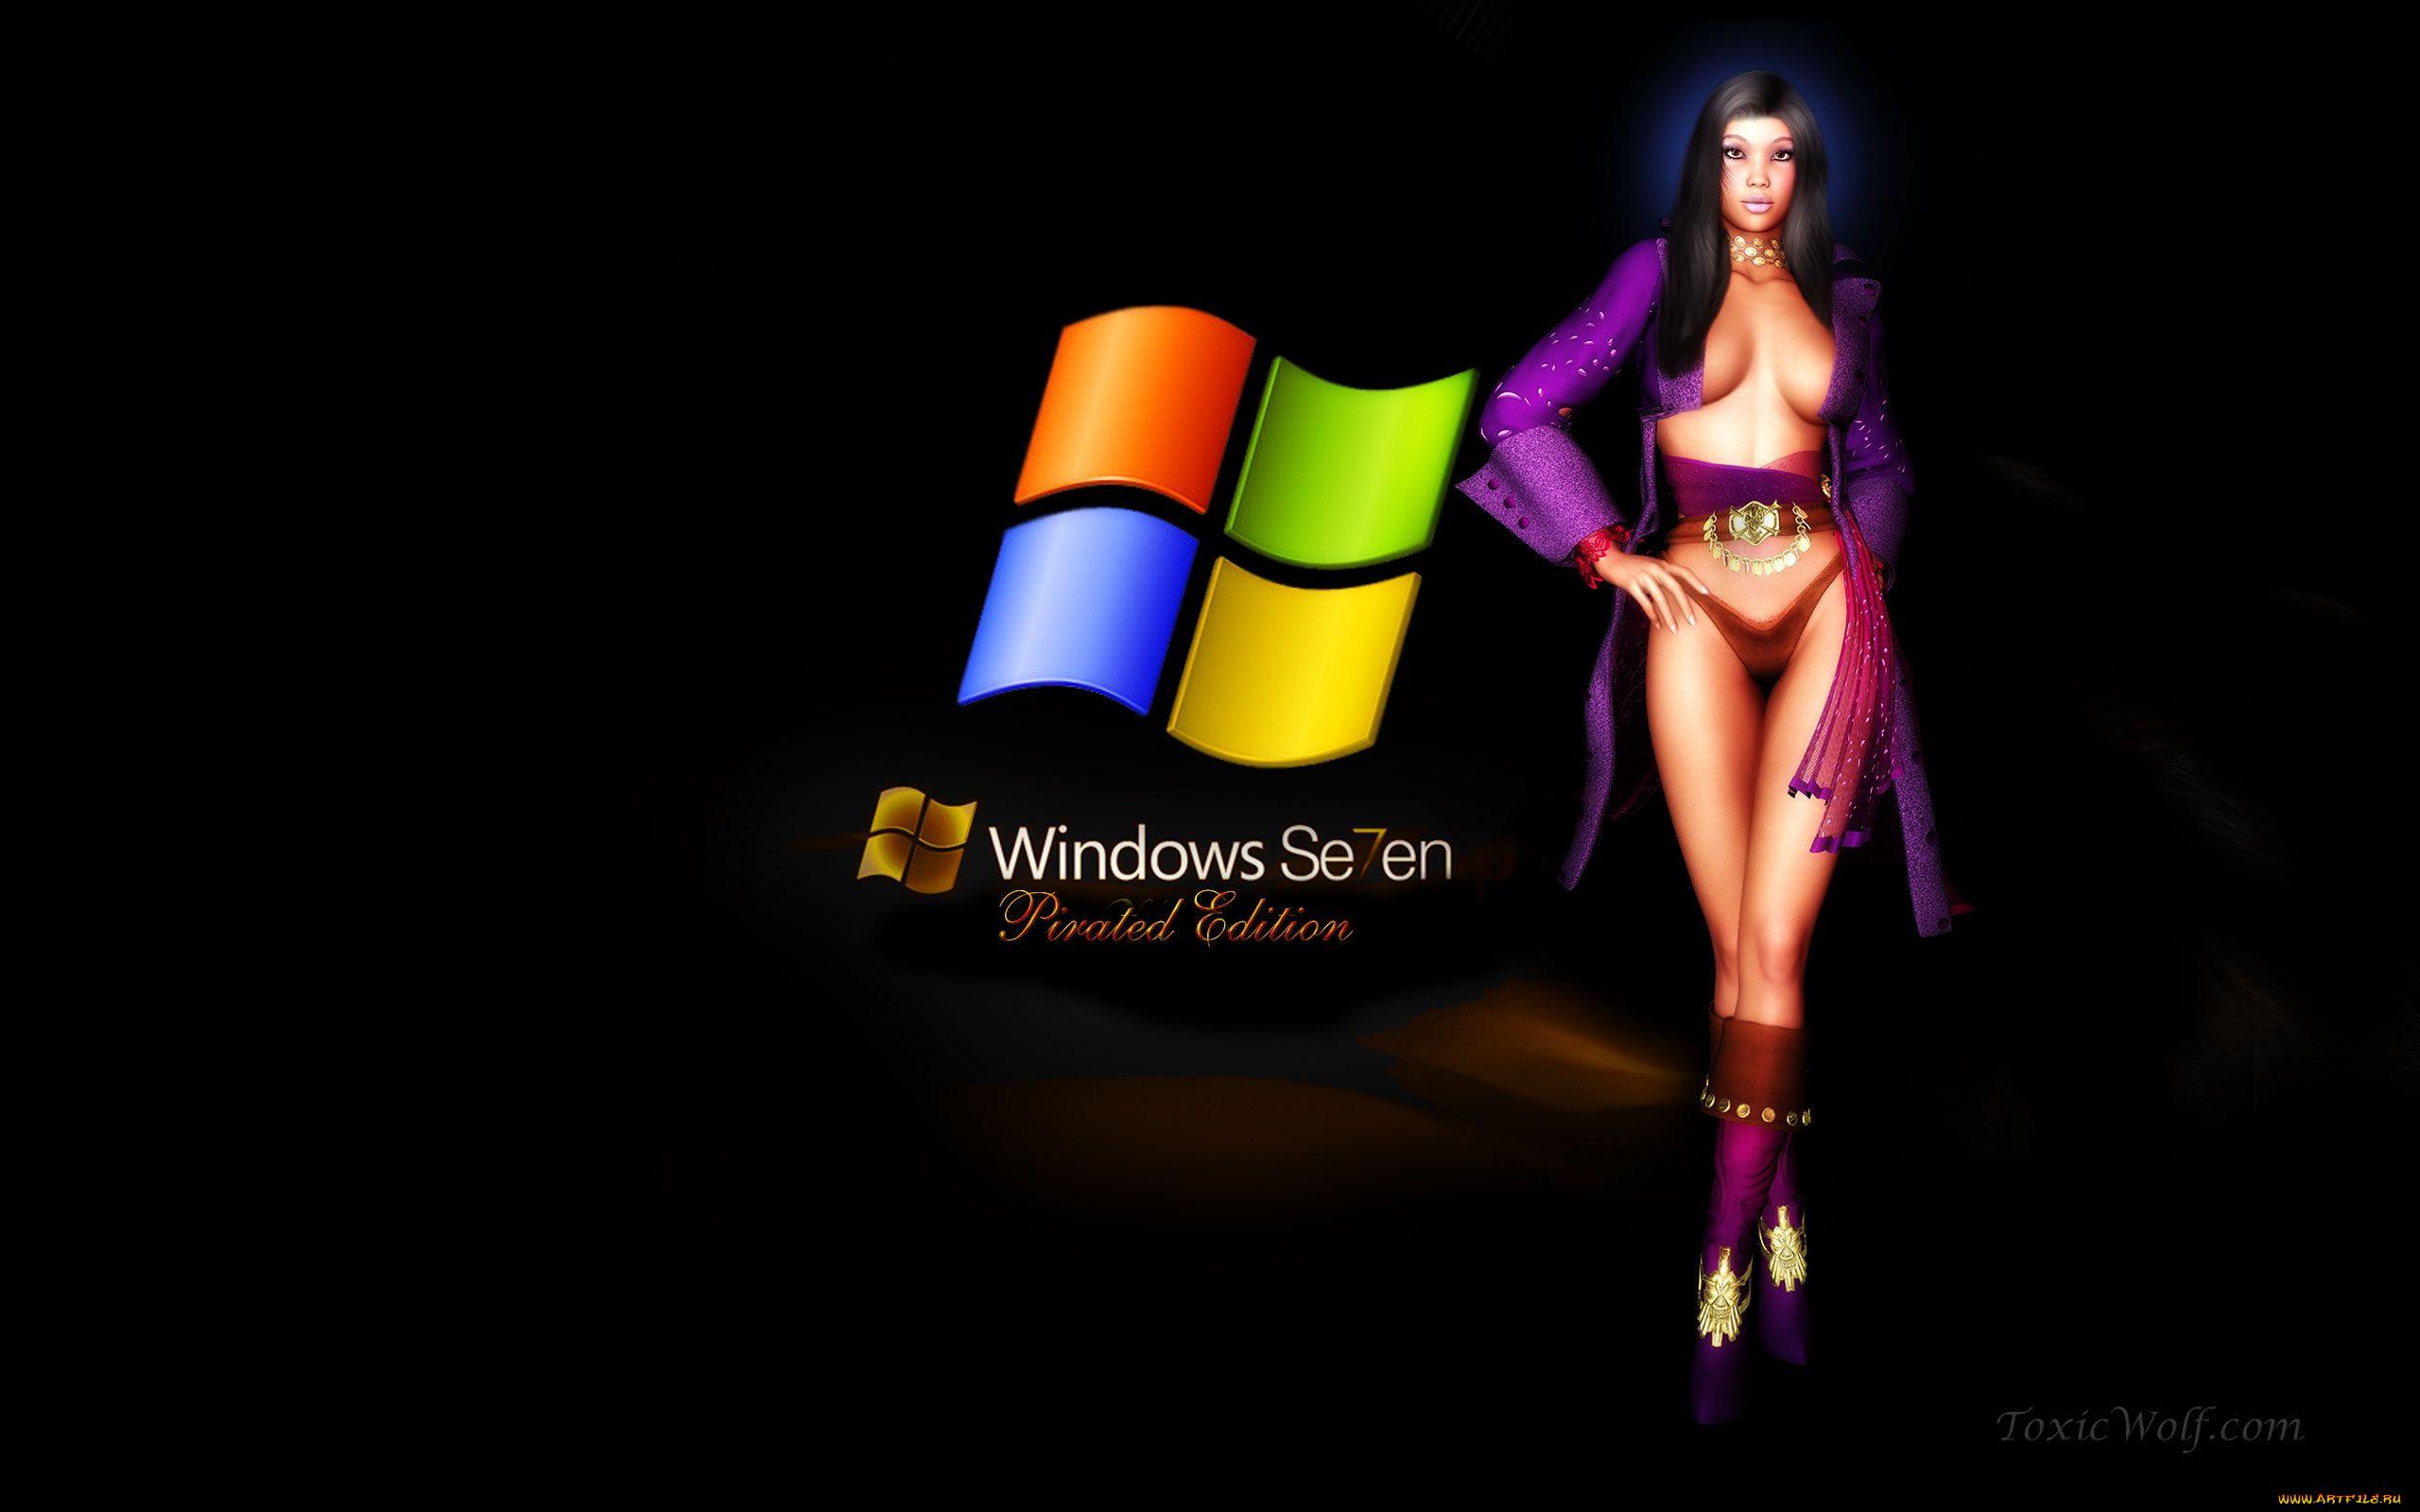 Обои Девушки Для Windows 7 Скачать